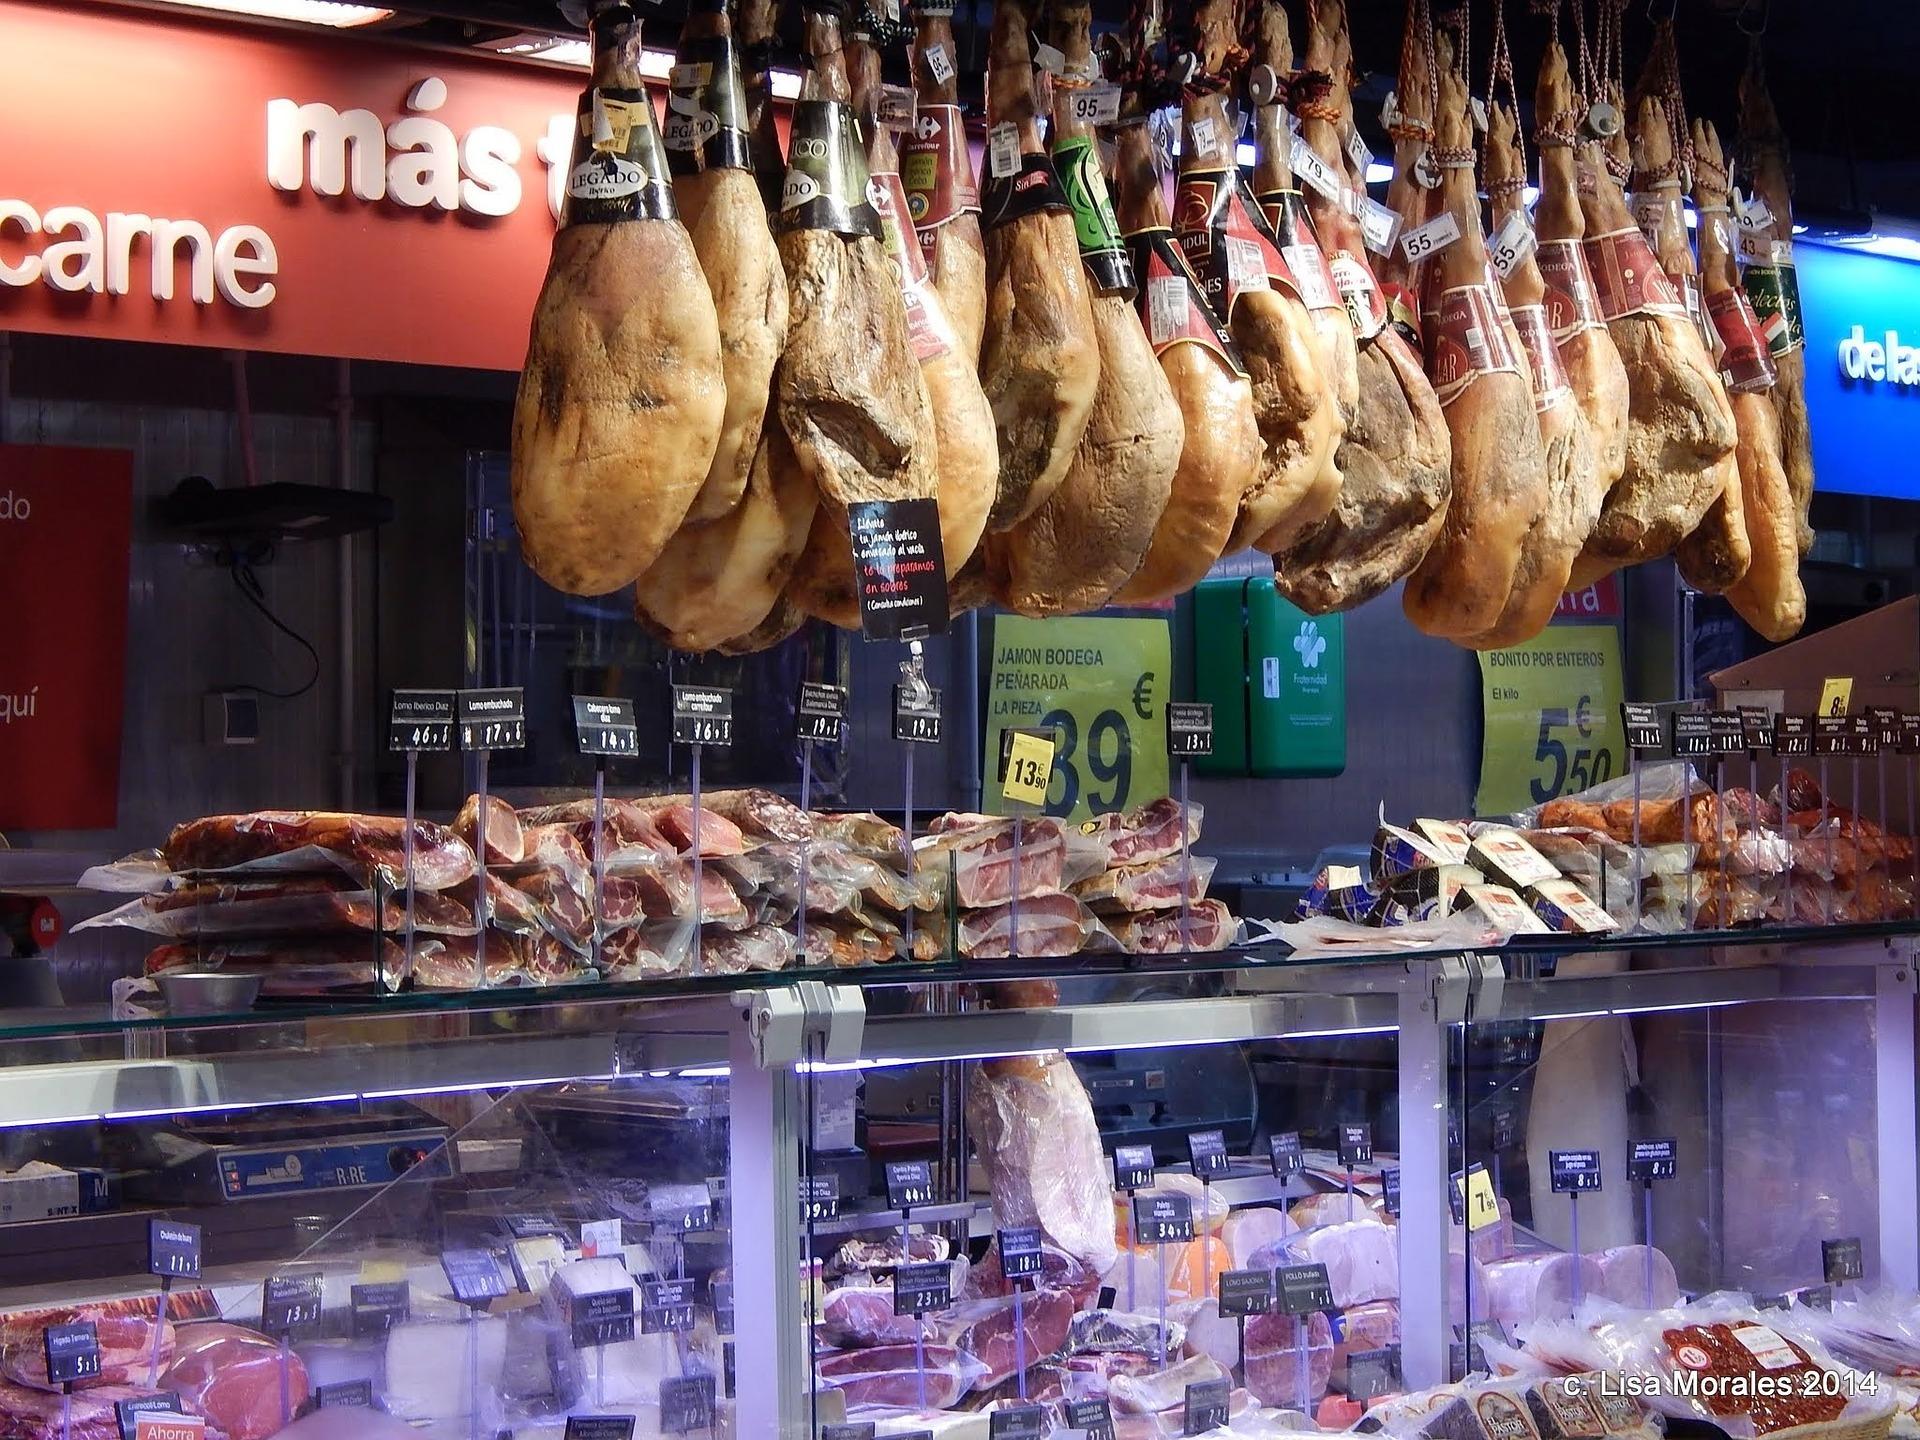 地域のマーケット | マドリード在住香奈&ルイスさんのおすすめショッピング・買物スポット